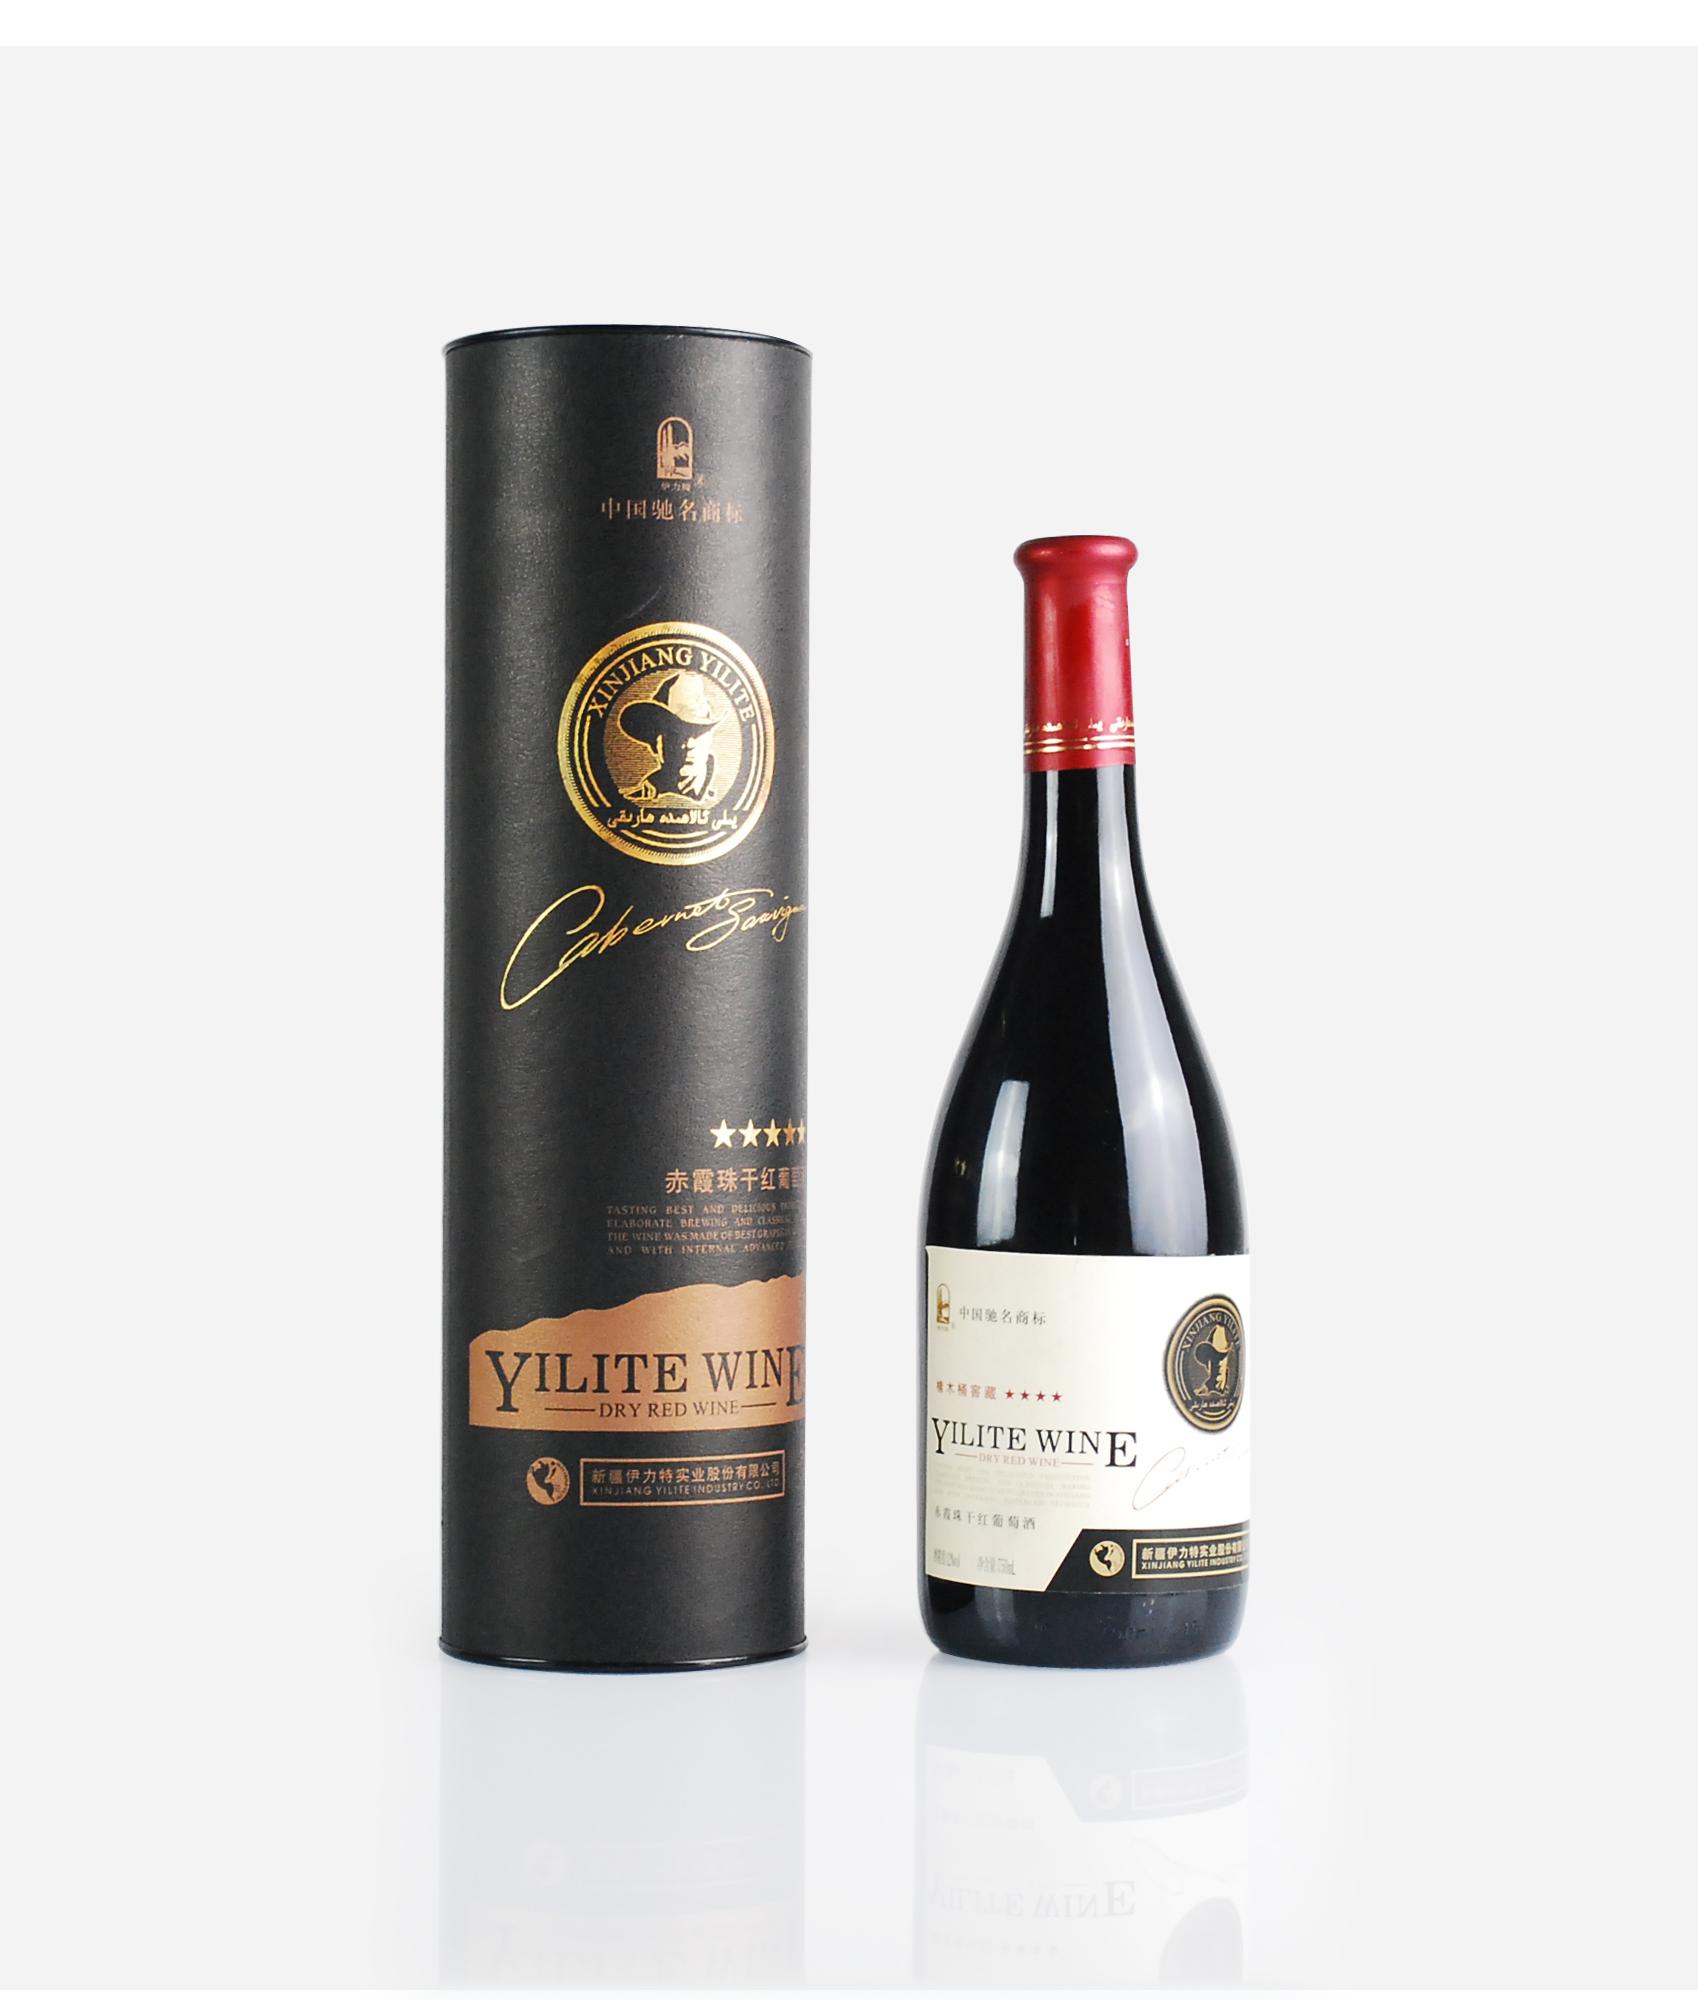 万博manbetx官网苹果四星橡木桶窖藏赤霞干红葡萄酒